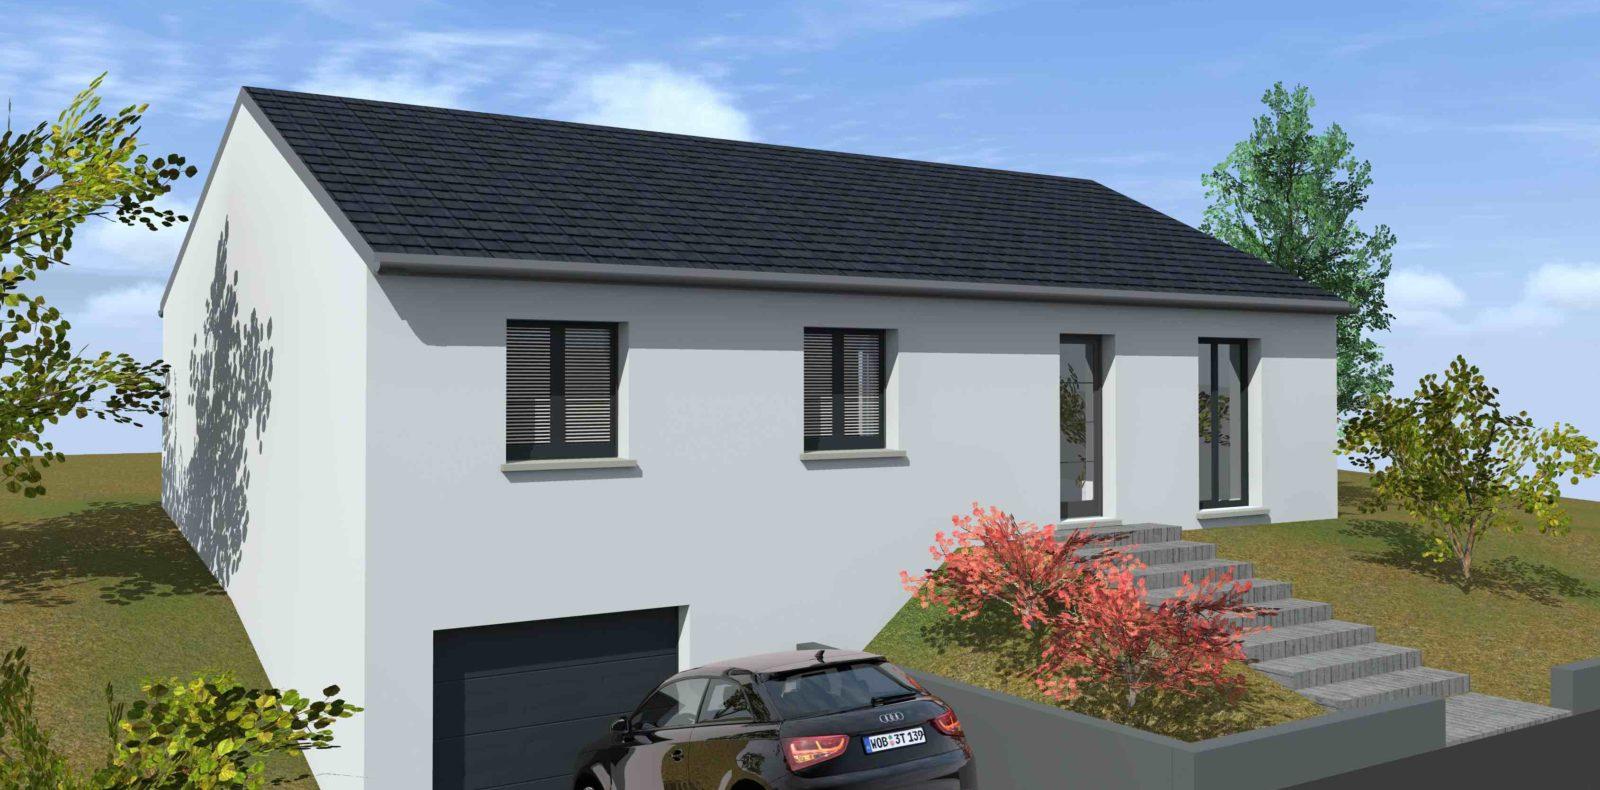 Vente De Plan De Maison Avec Terrain En Pente